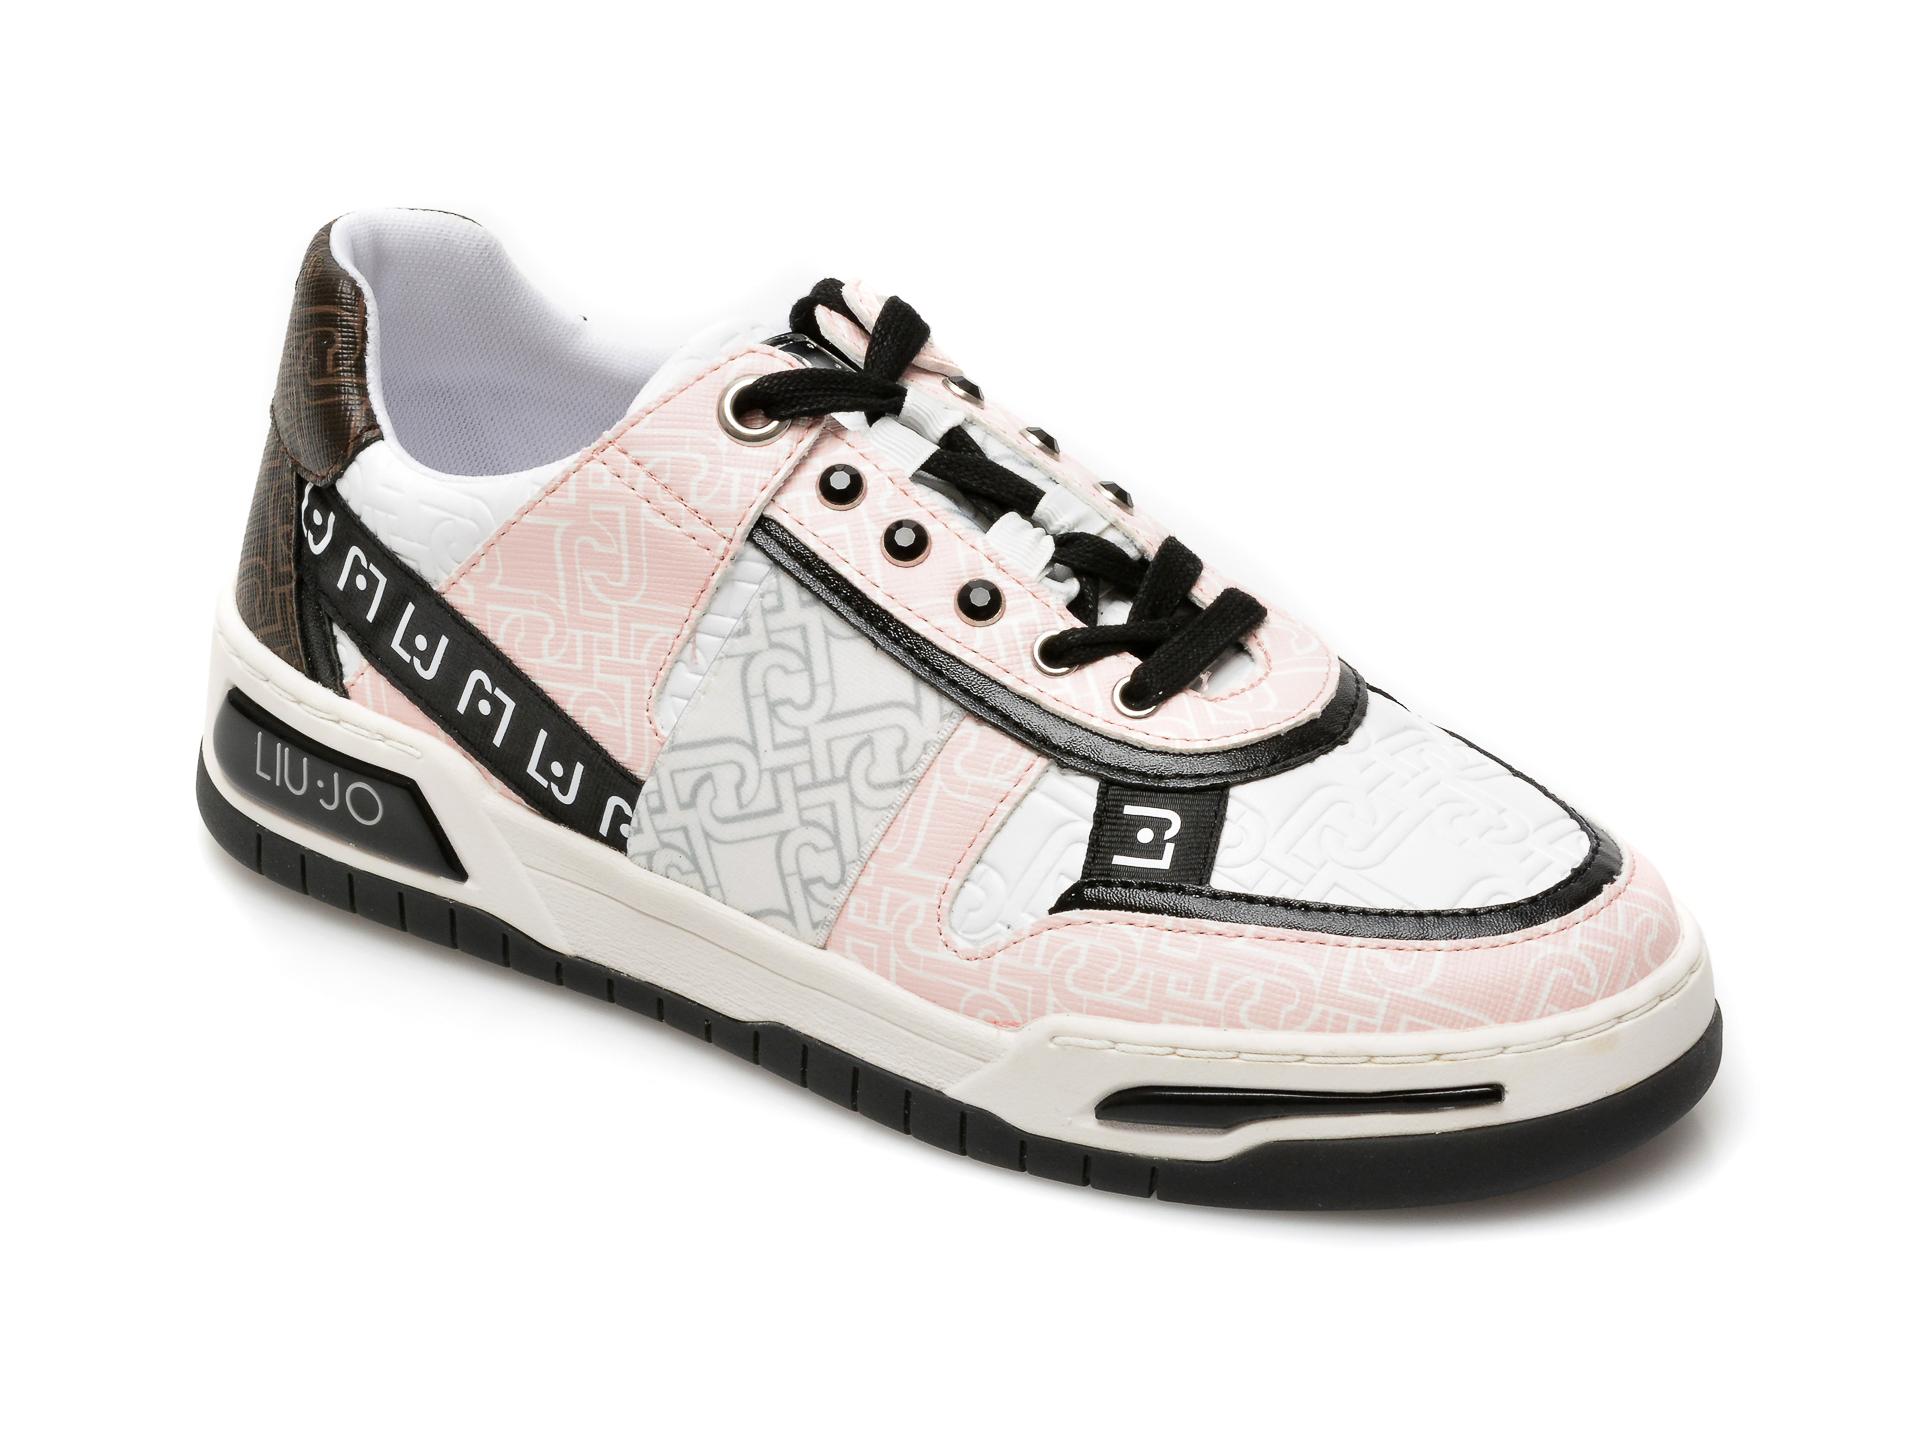 Pantofi sport LIU JO albi, Gyn 05, din piele ecologica